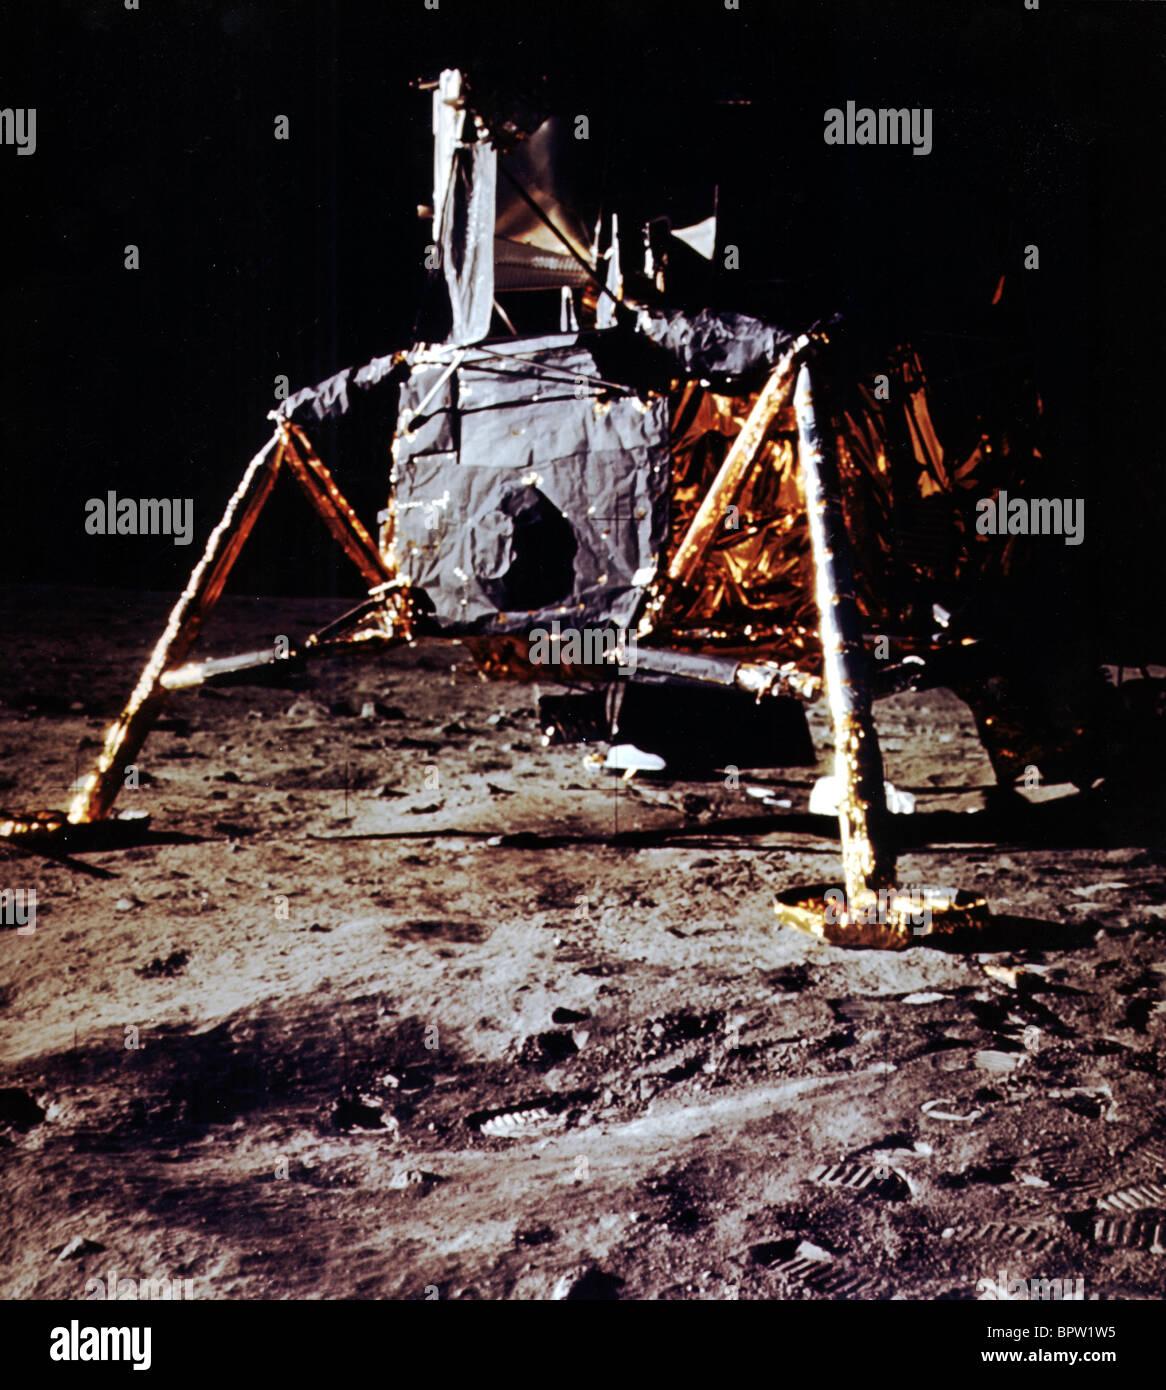 nasa apollo 1969 moon - photo #18